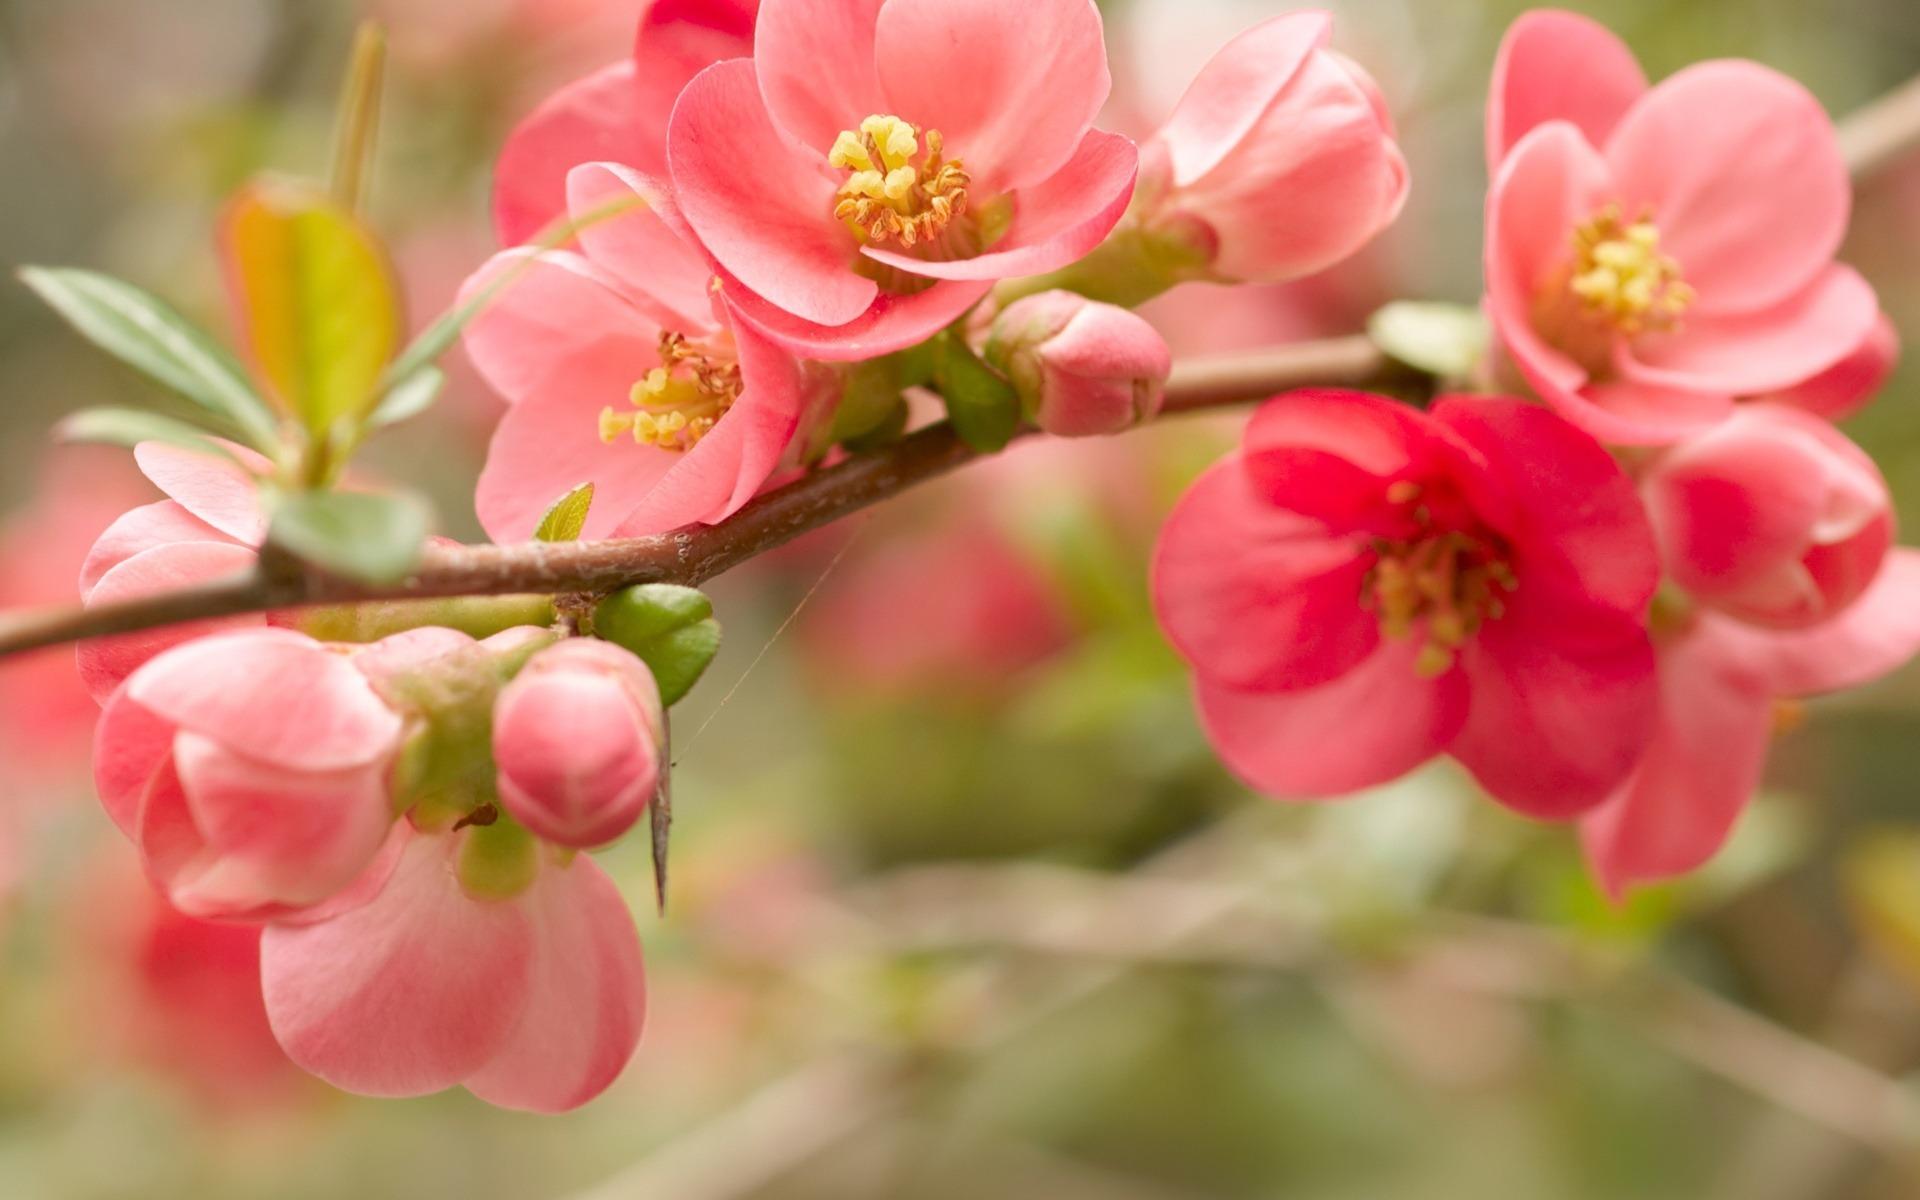 19486 скачать обои Растения, Цветы, Деревья - заставки и картинки бесплатно